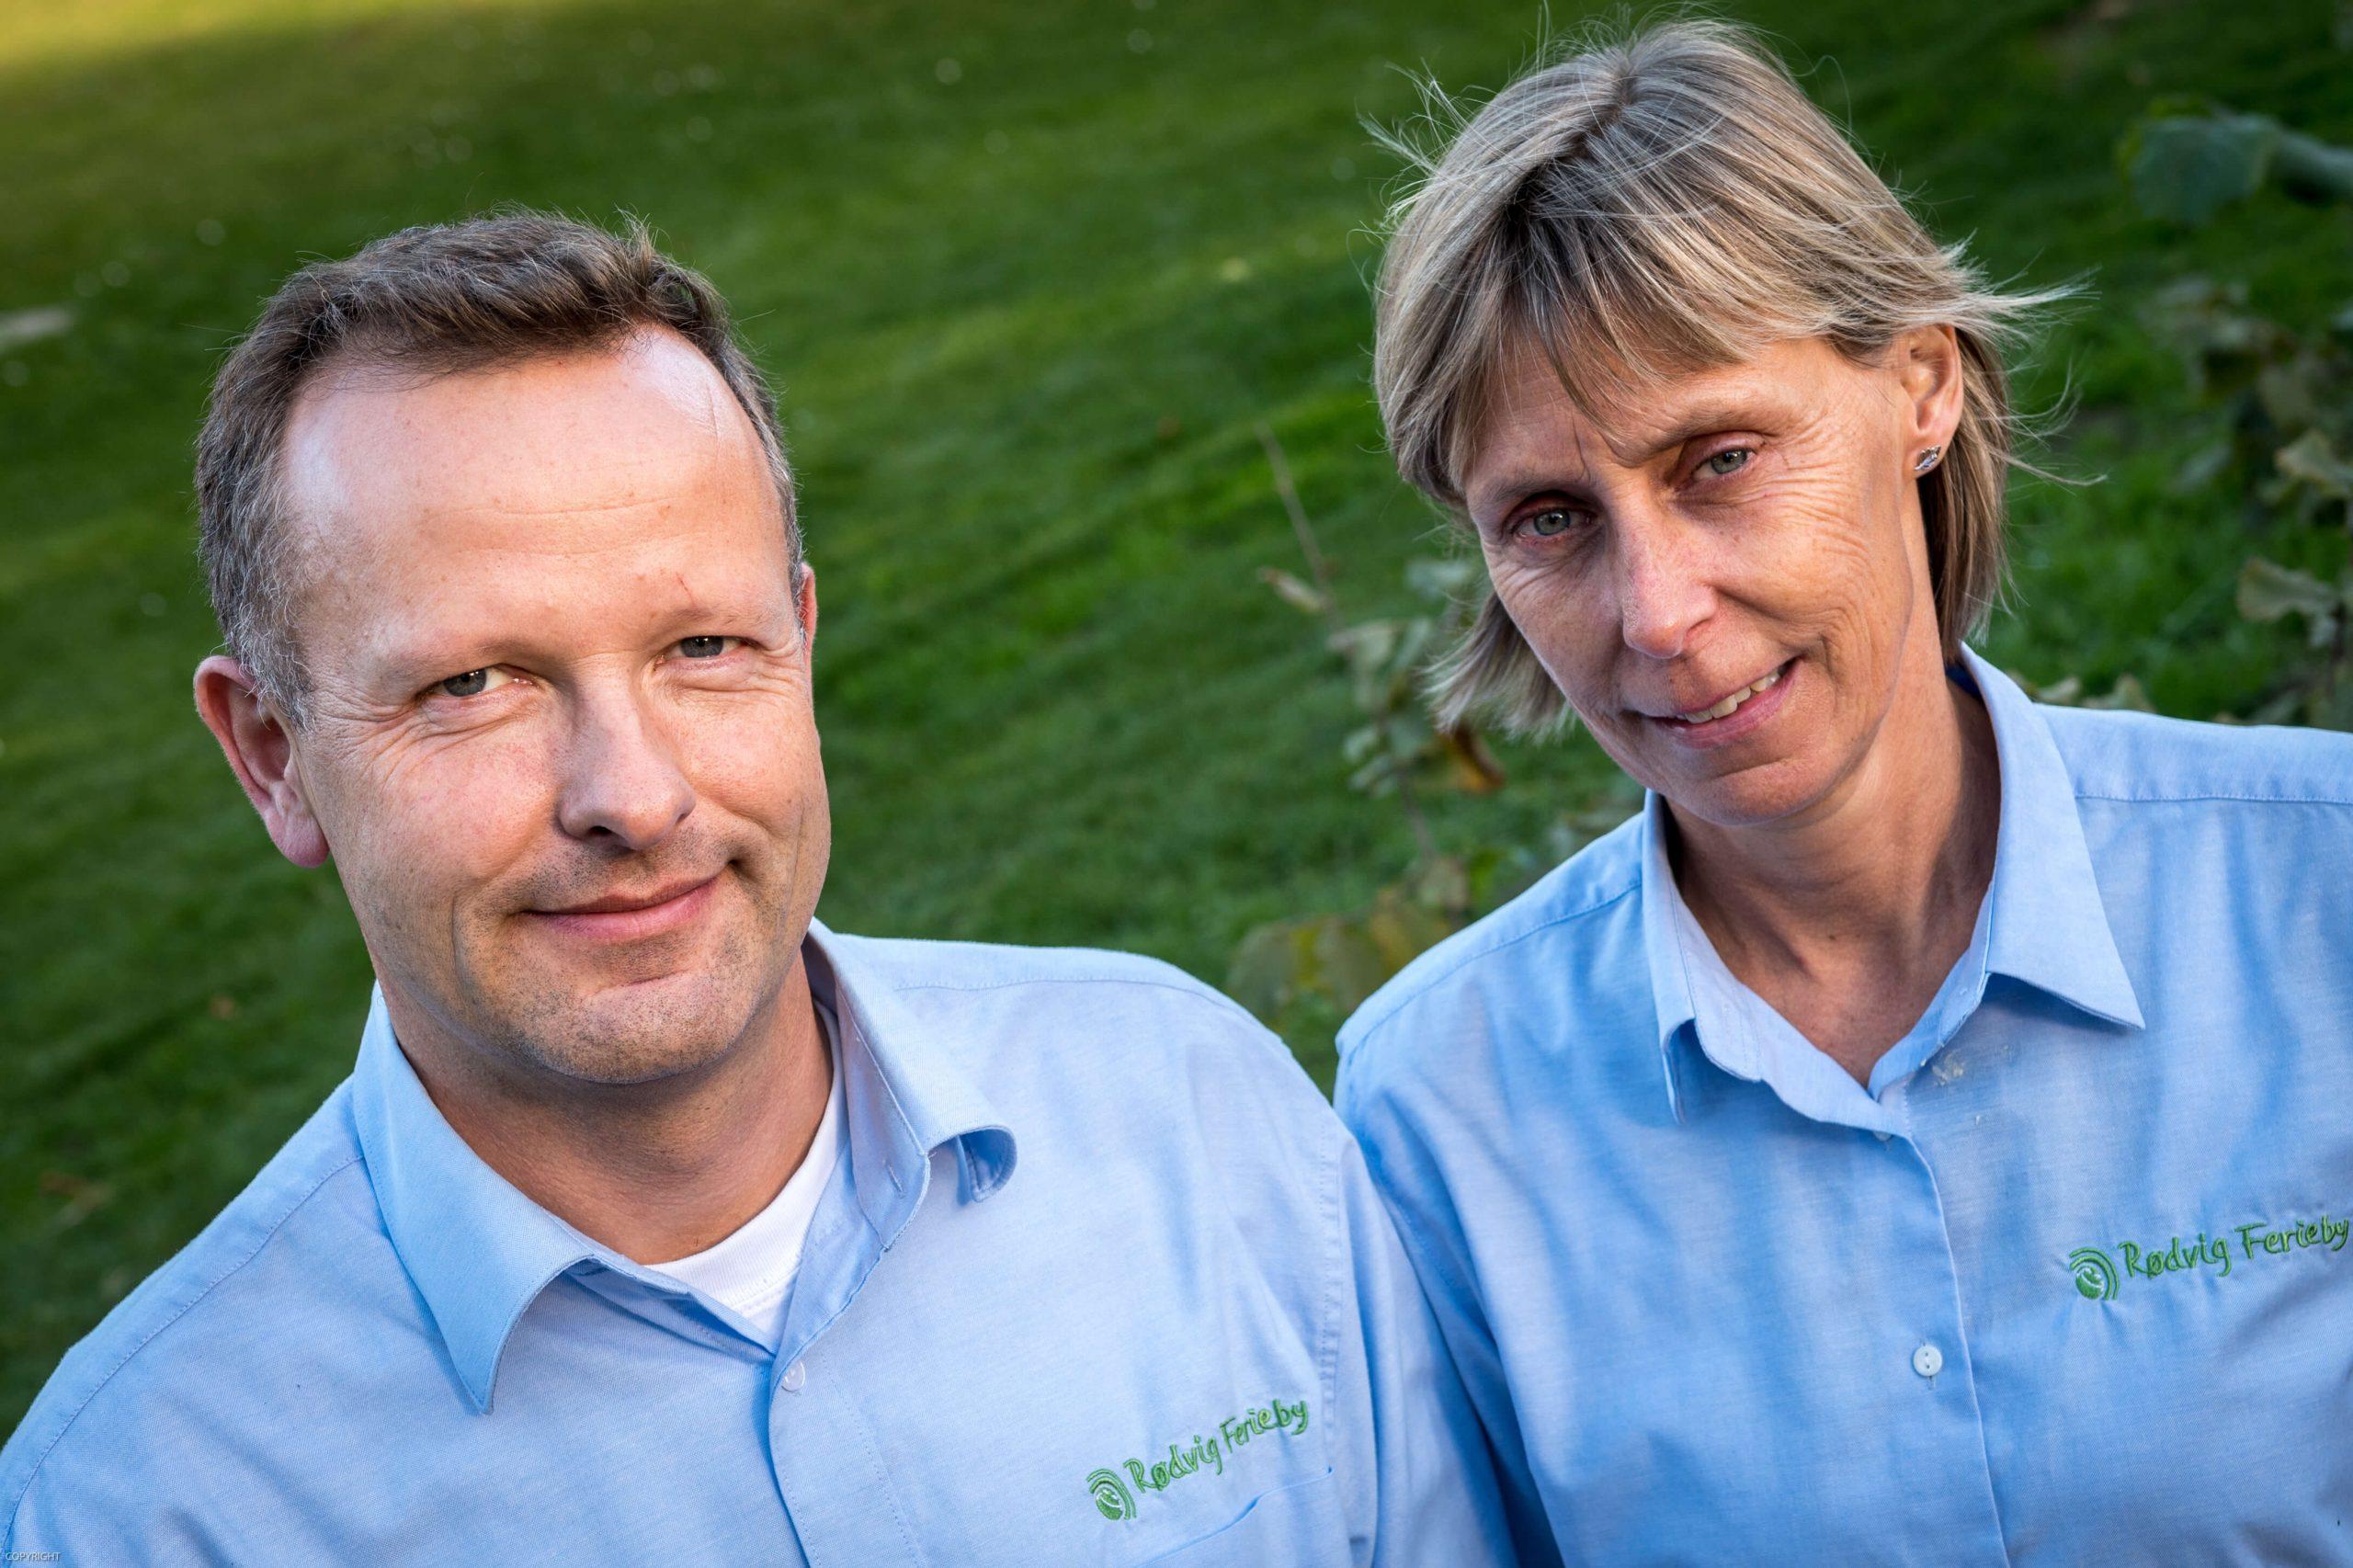 Mette og Claus Høgenhaug overtog Rødvig Ferieby i 2010, og siden er det gået stærkt. Omsætningen er fordoblet, bl.a. takket være vigtige samarbejder. (Foto: Lars Bo Axelholm)